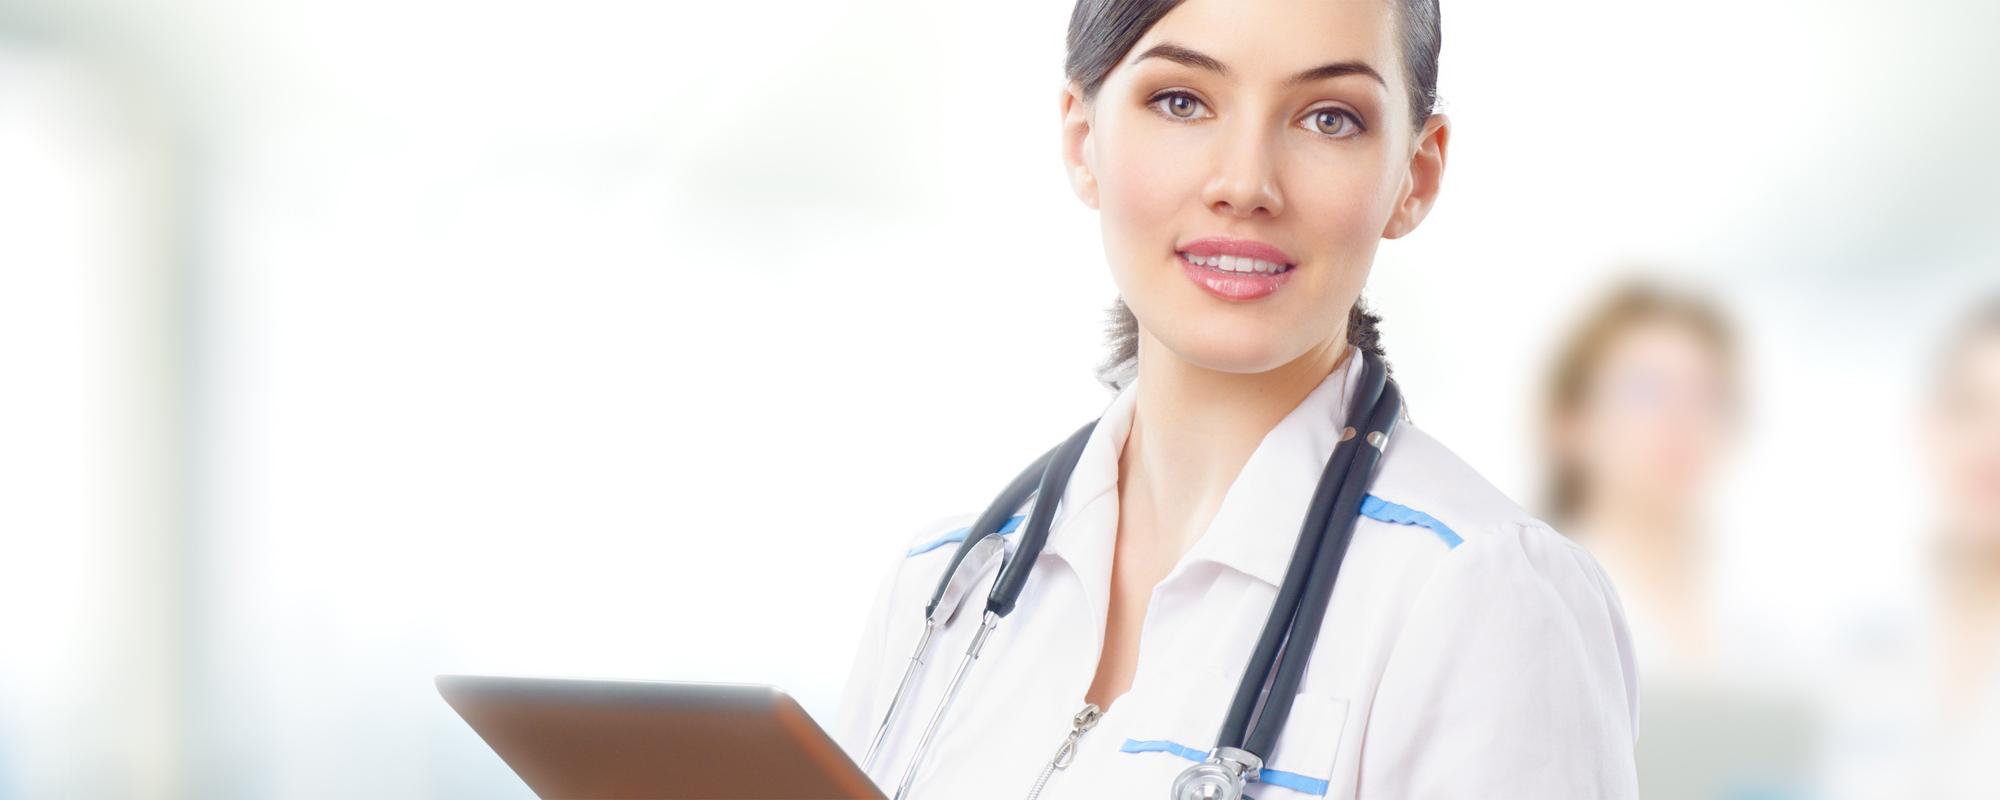 oferujemy  pacjentom  profesjonalną opiekę medyczną